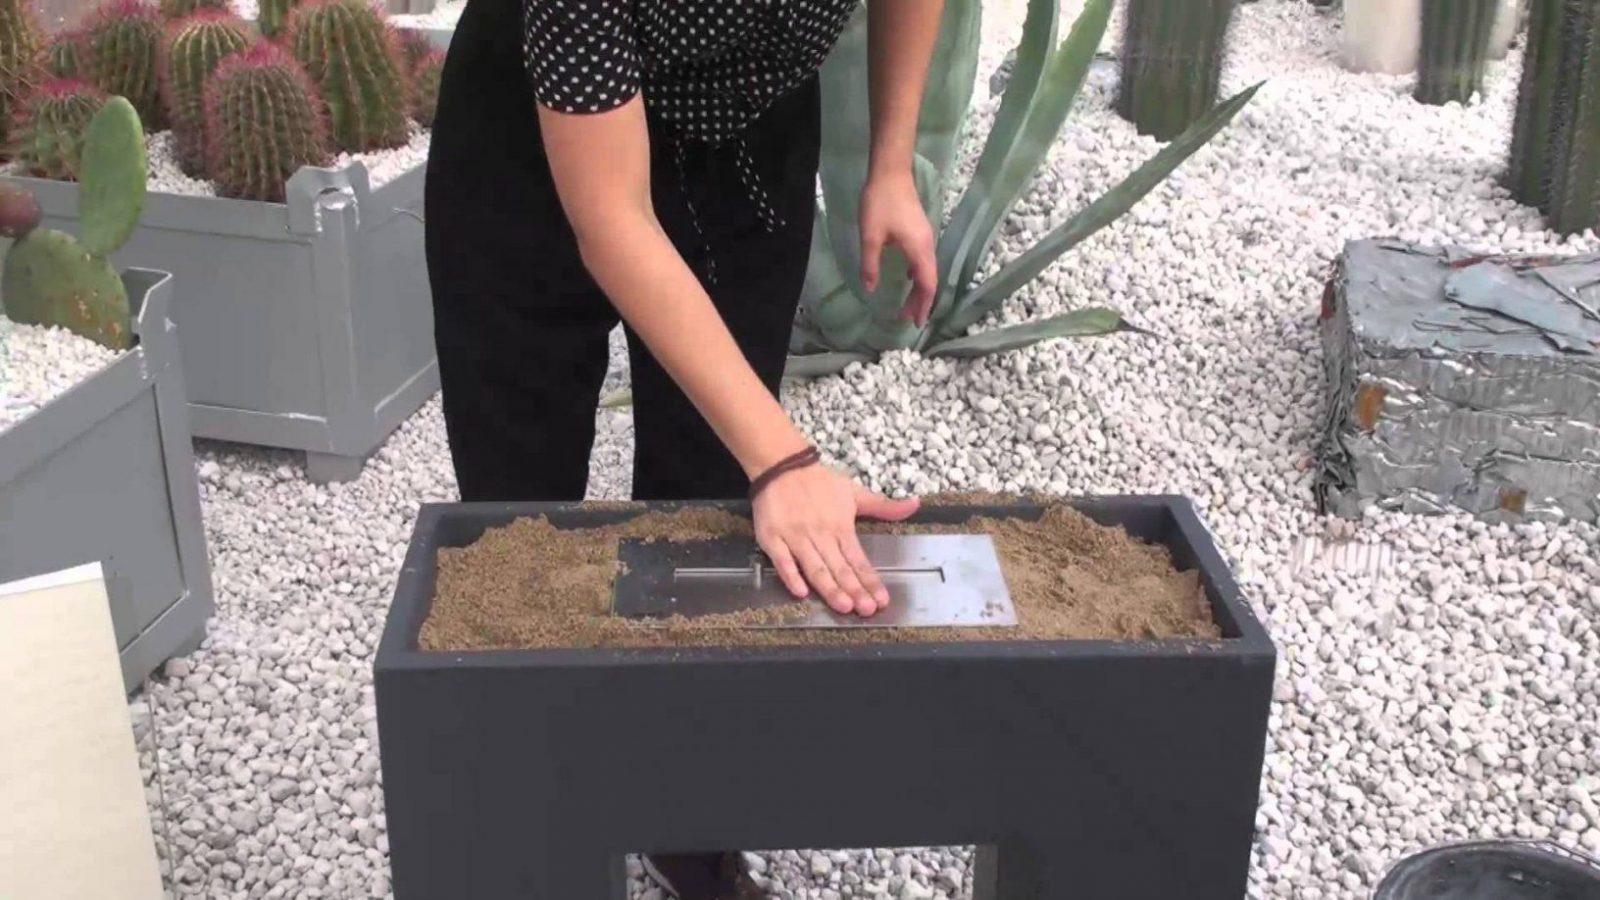 Bauanleitung Ethanol Ofen Outdoor  Youtube von Ethanol Tischkamin Selber Bauen Bild